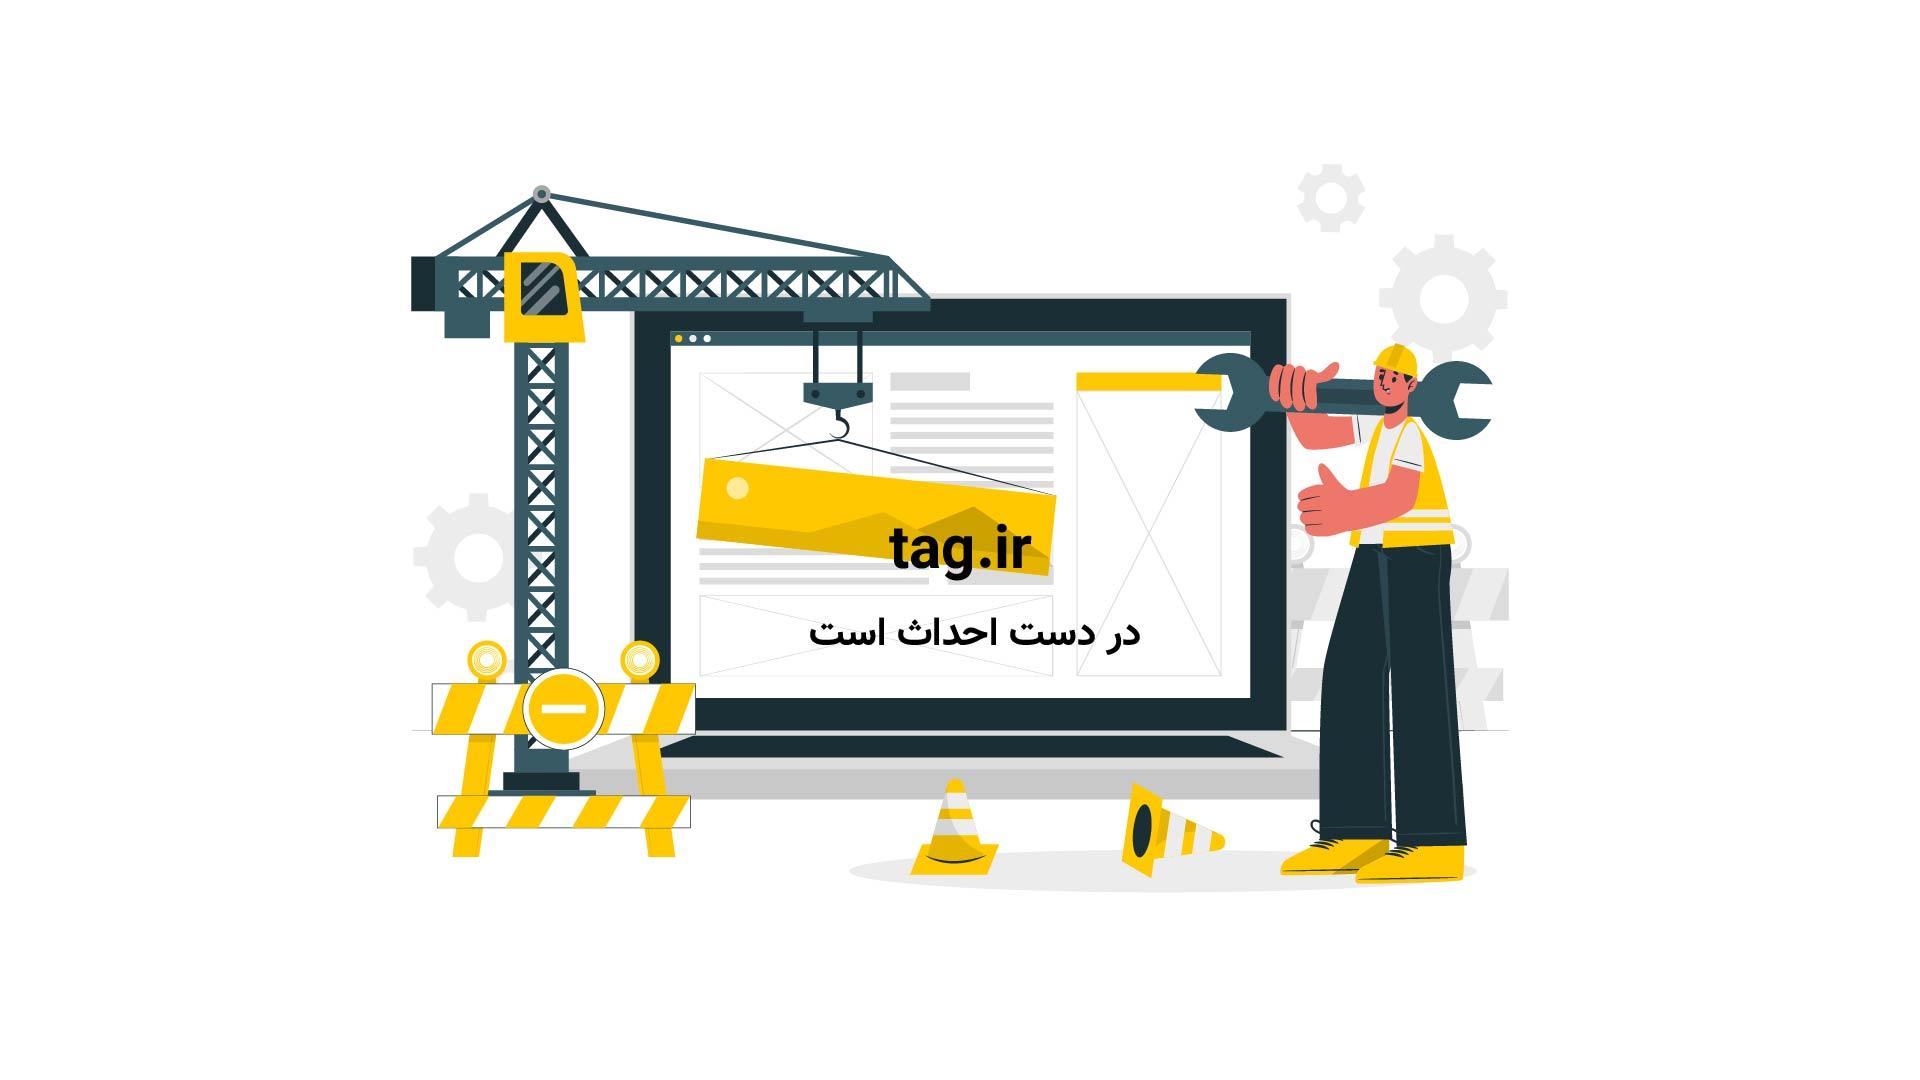 آتش سوزی در تهران